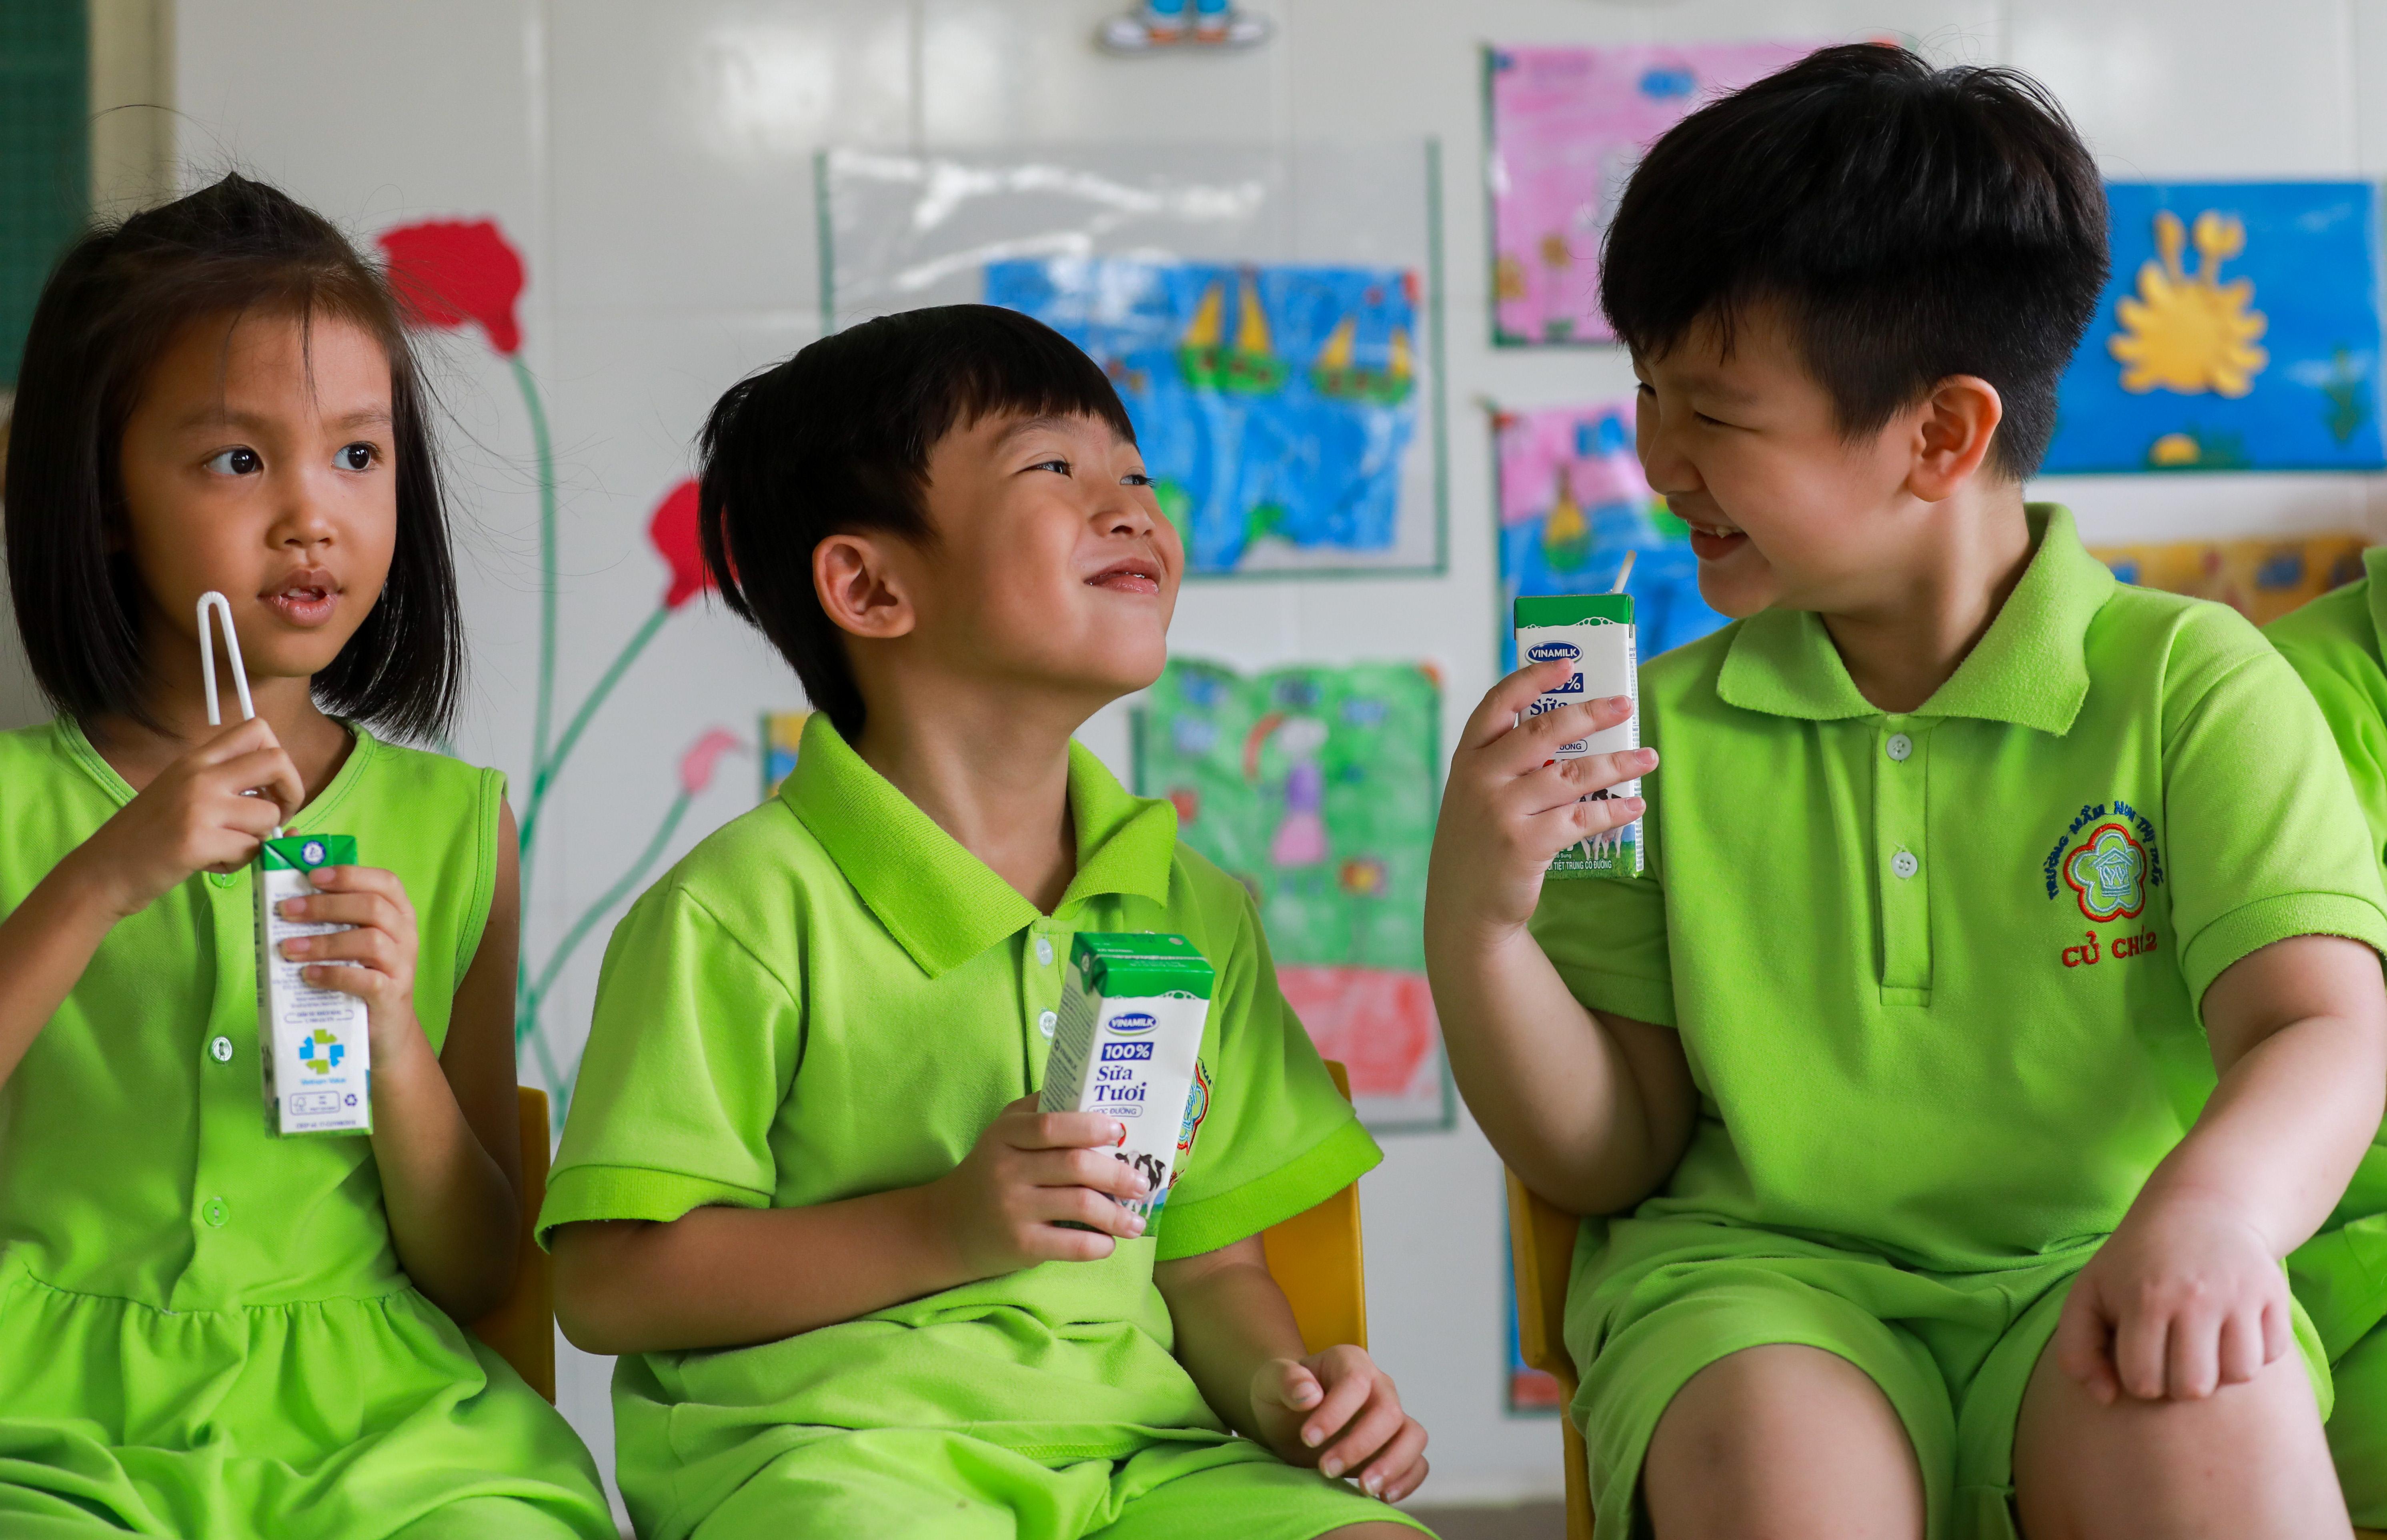 Đảm bảo việc uống sữa học đường đầy đủ cho học sinh khi tựu trường - Ảnh 4.